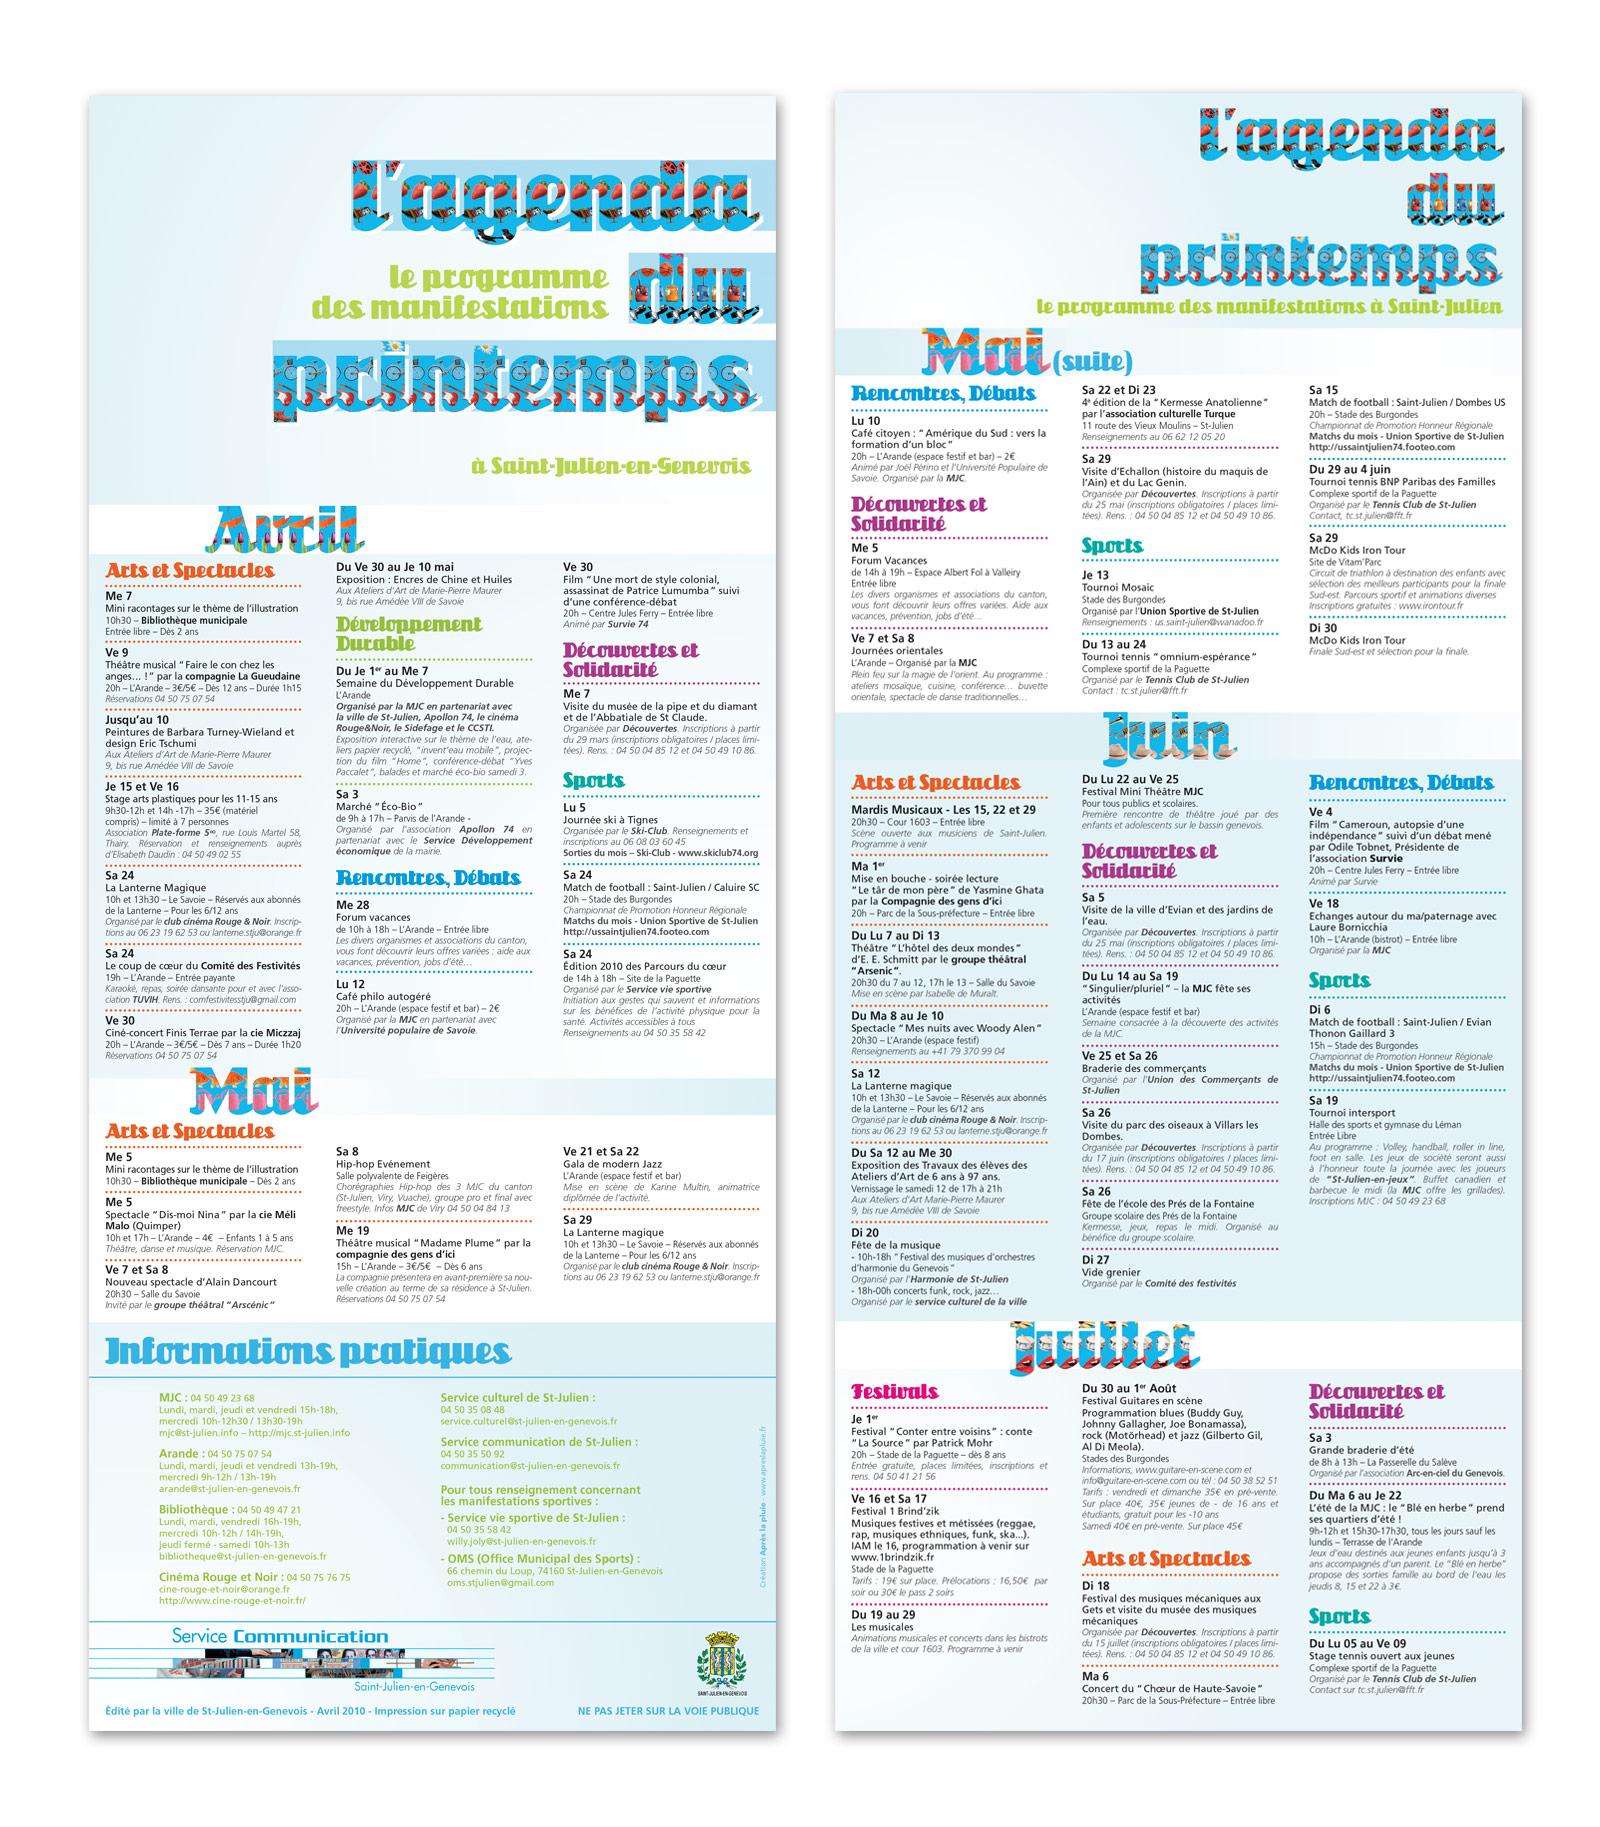 Vue complète du programme du printemps de la mairie de St-Julien-en-Genevois